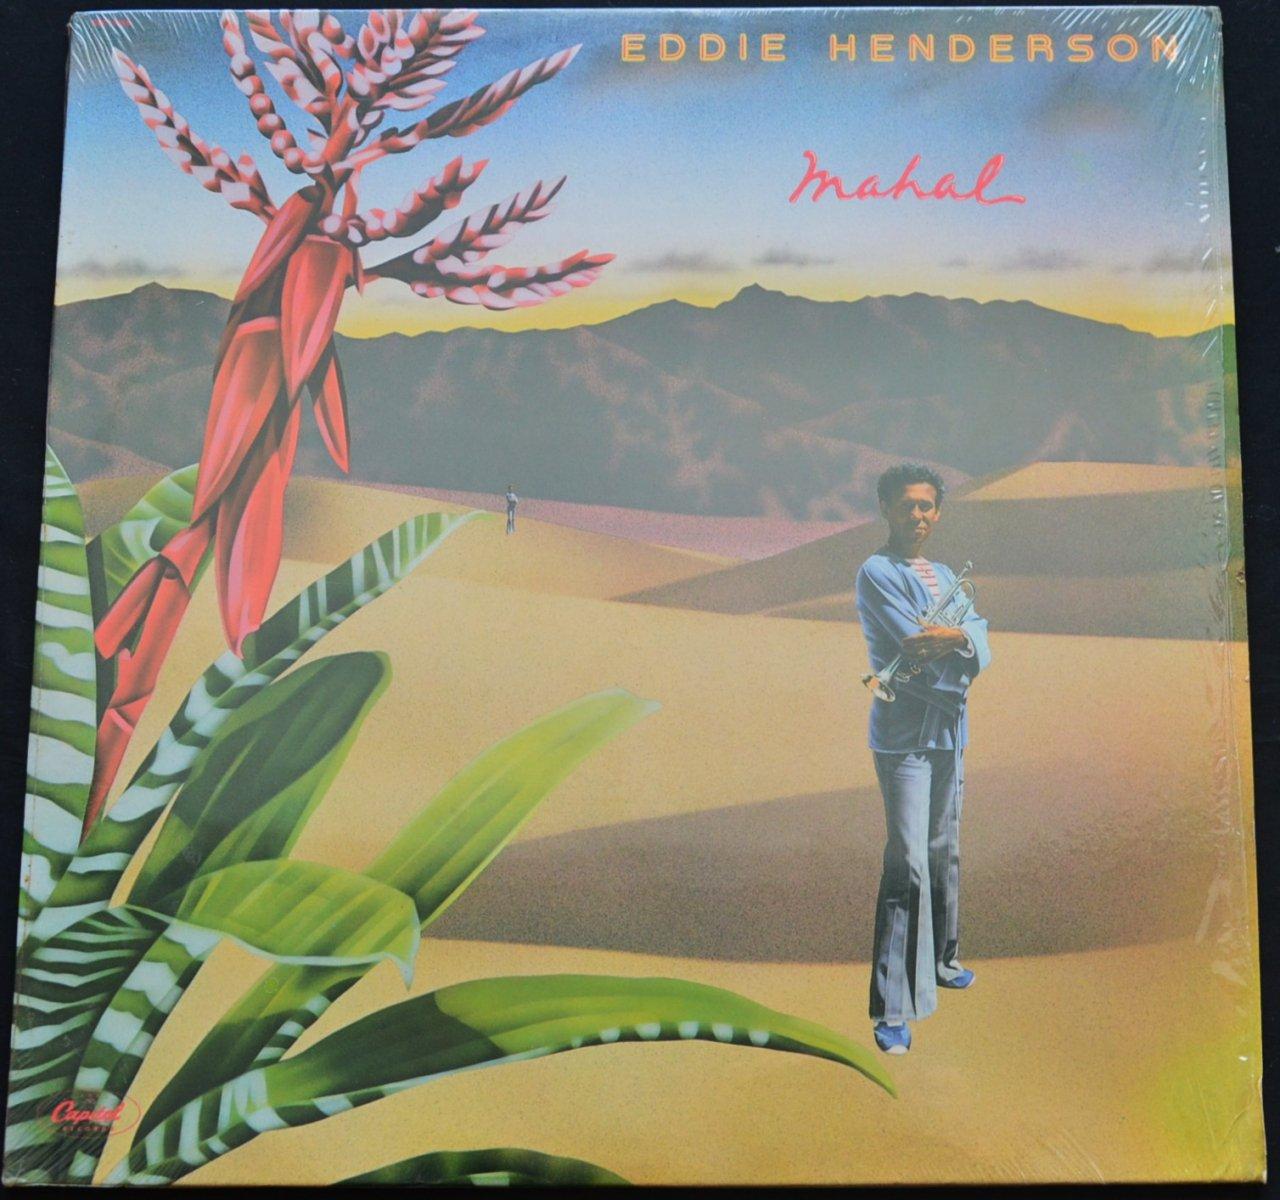 EDDIE HENDERSON / MAHAL (LP)